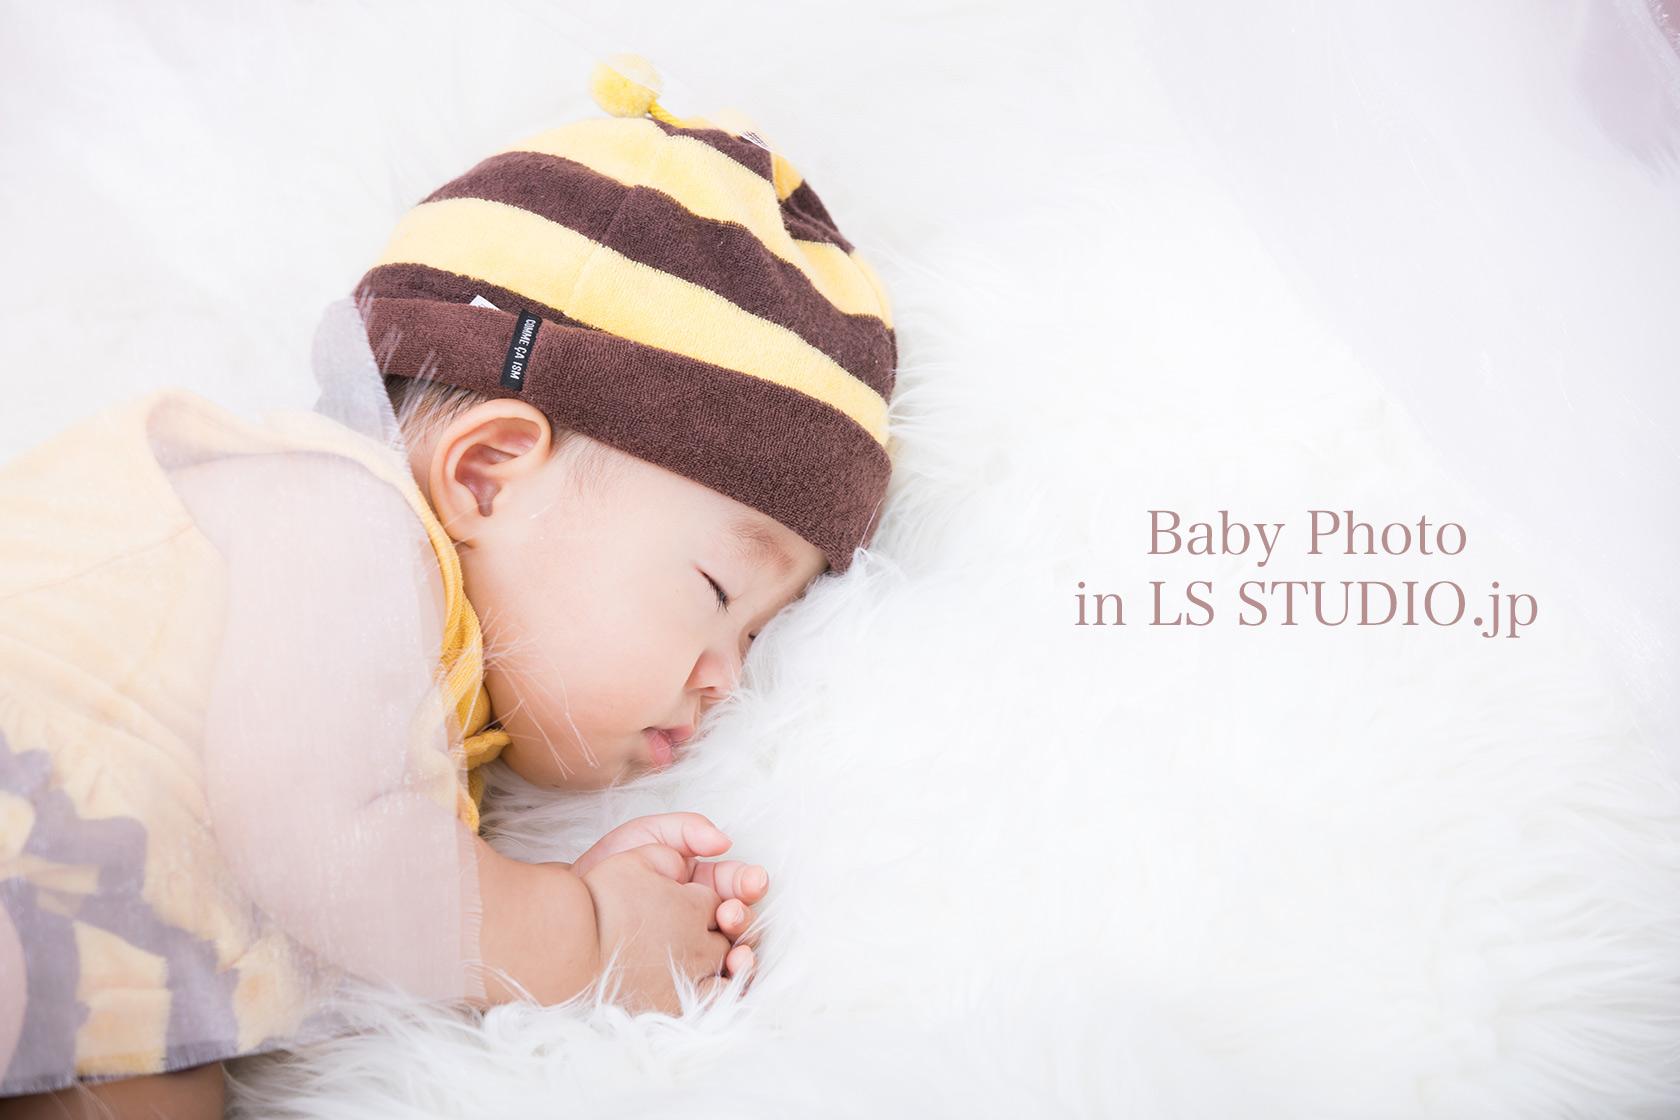 babyphotolsstudio